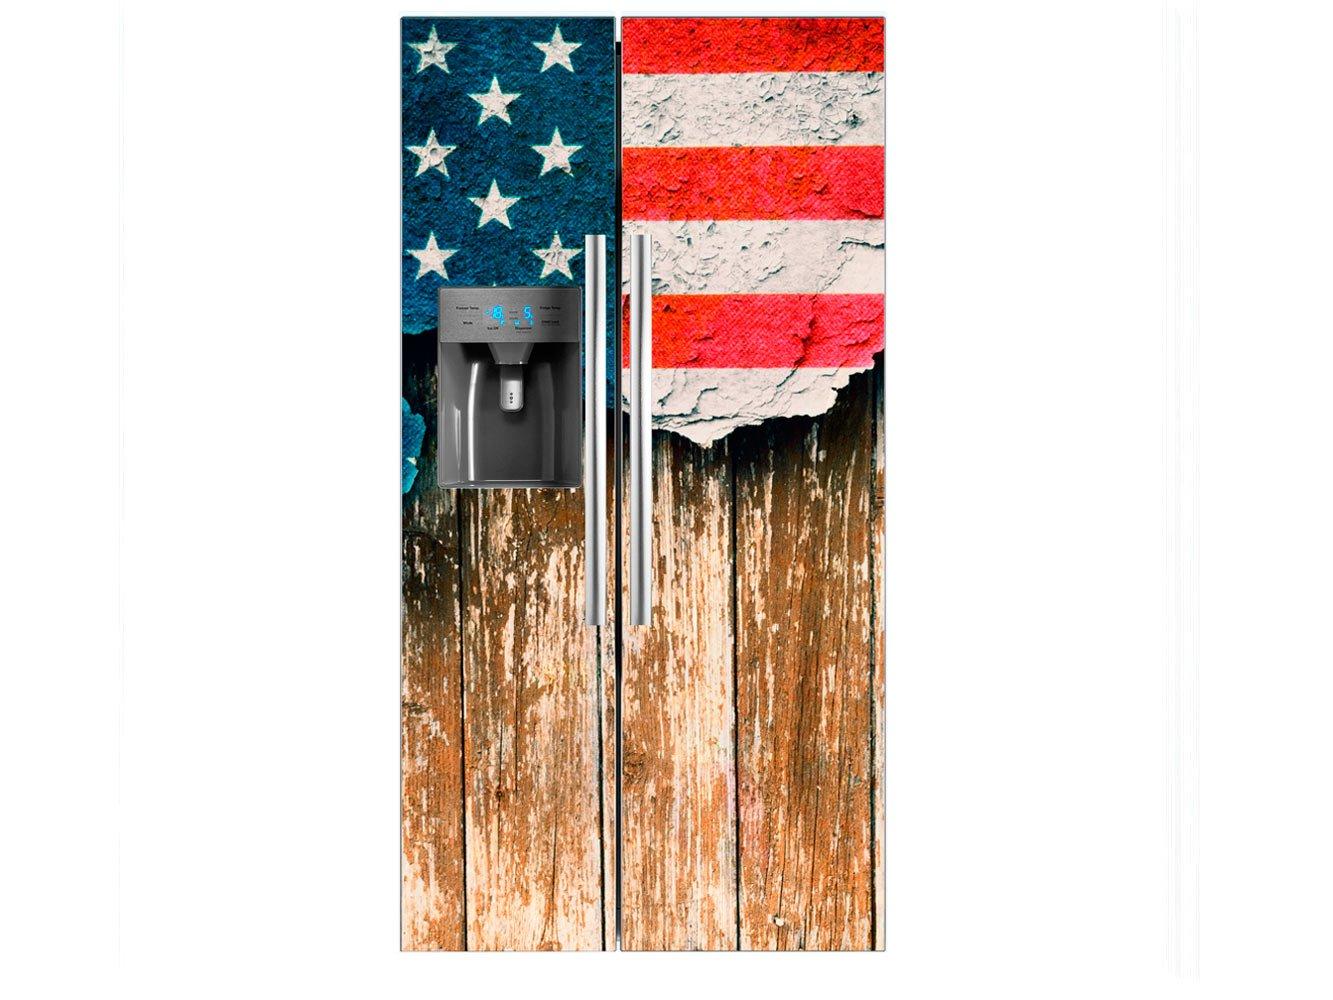 Vinilo Frigorí fico Americano Bandera Desgarrada Estados Unidos | 90x180cm | Varias Medidas | Pegatinas de Nevera Econó micas y Elegantes | Vinilo Nevera Oedim